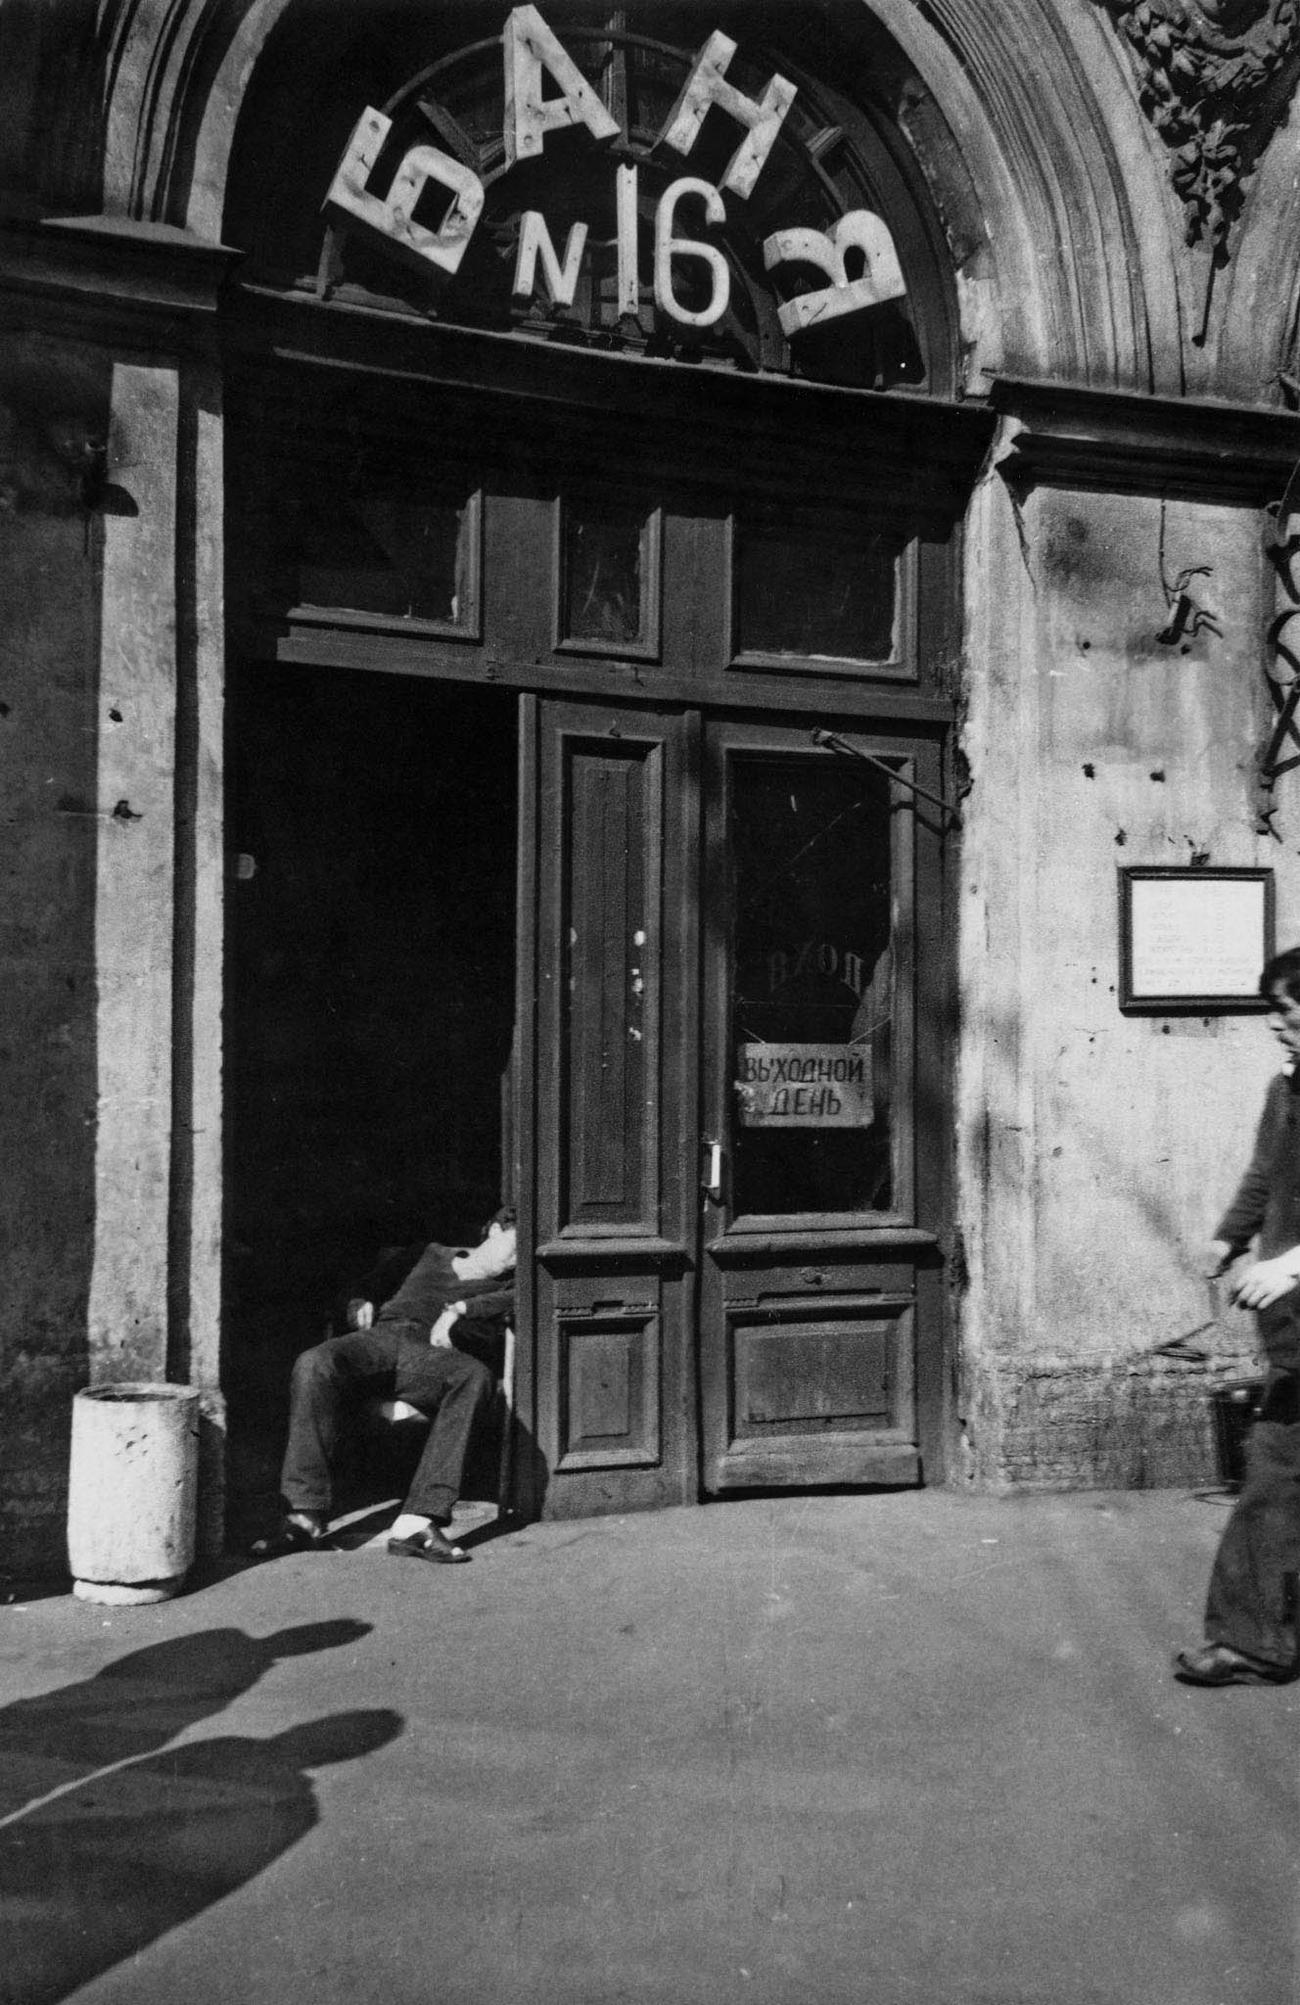 ネクラソフ通りのバーニャ。レーニングラード、1977年。